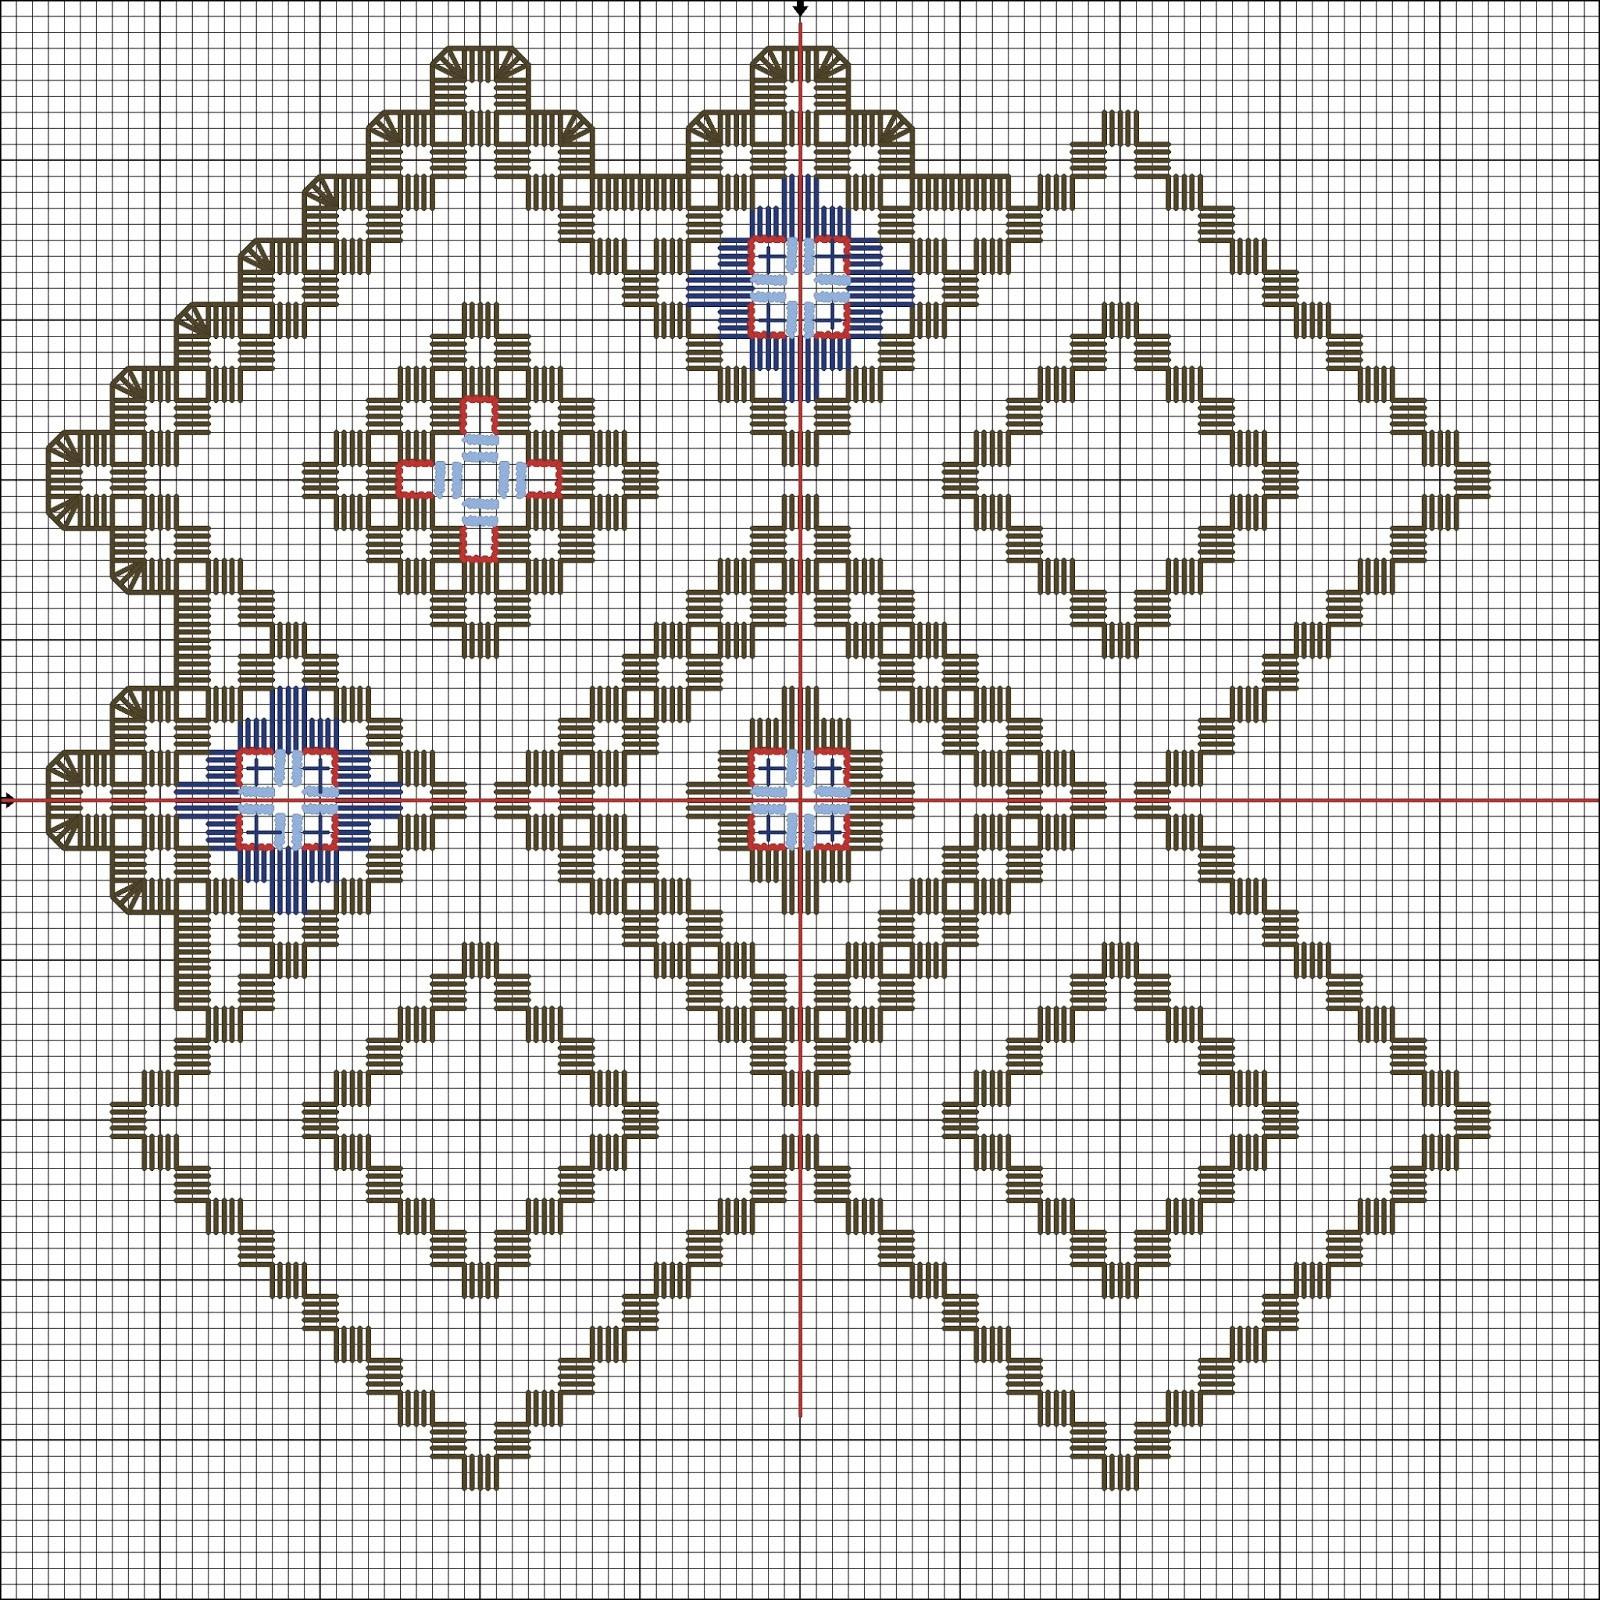 Вышивка в стиле барджелло схемы 36